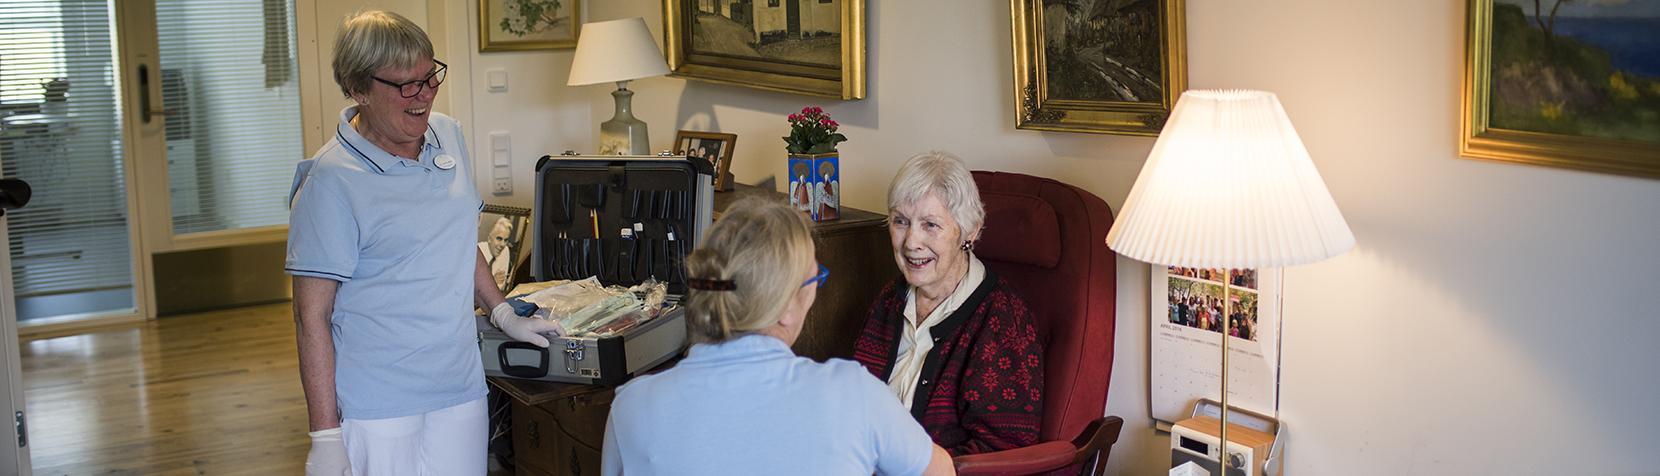 Specialtandplejen på tandlægebesøg hos en borger